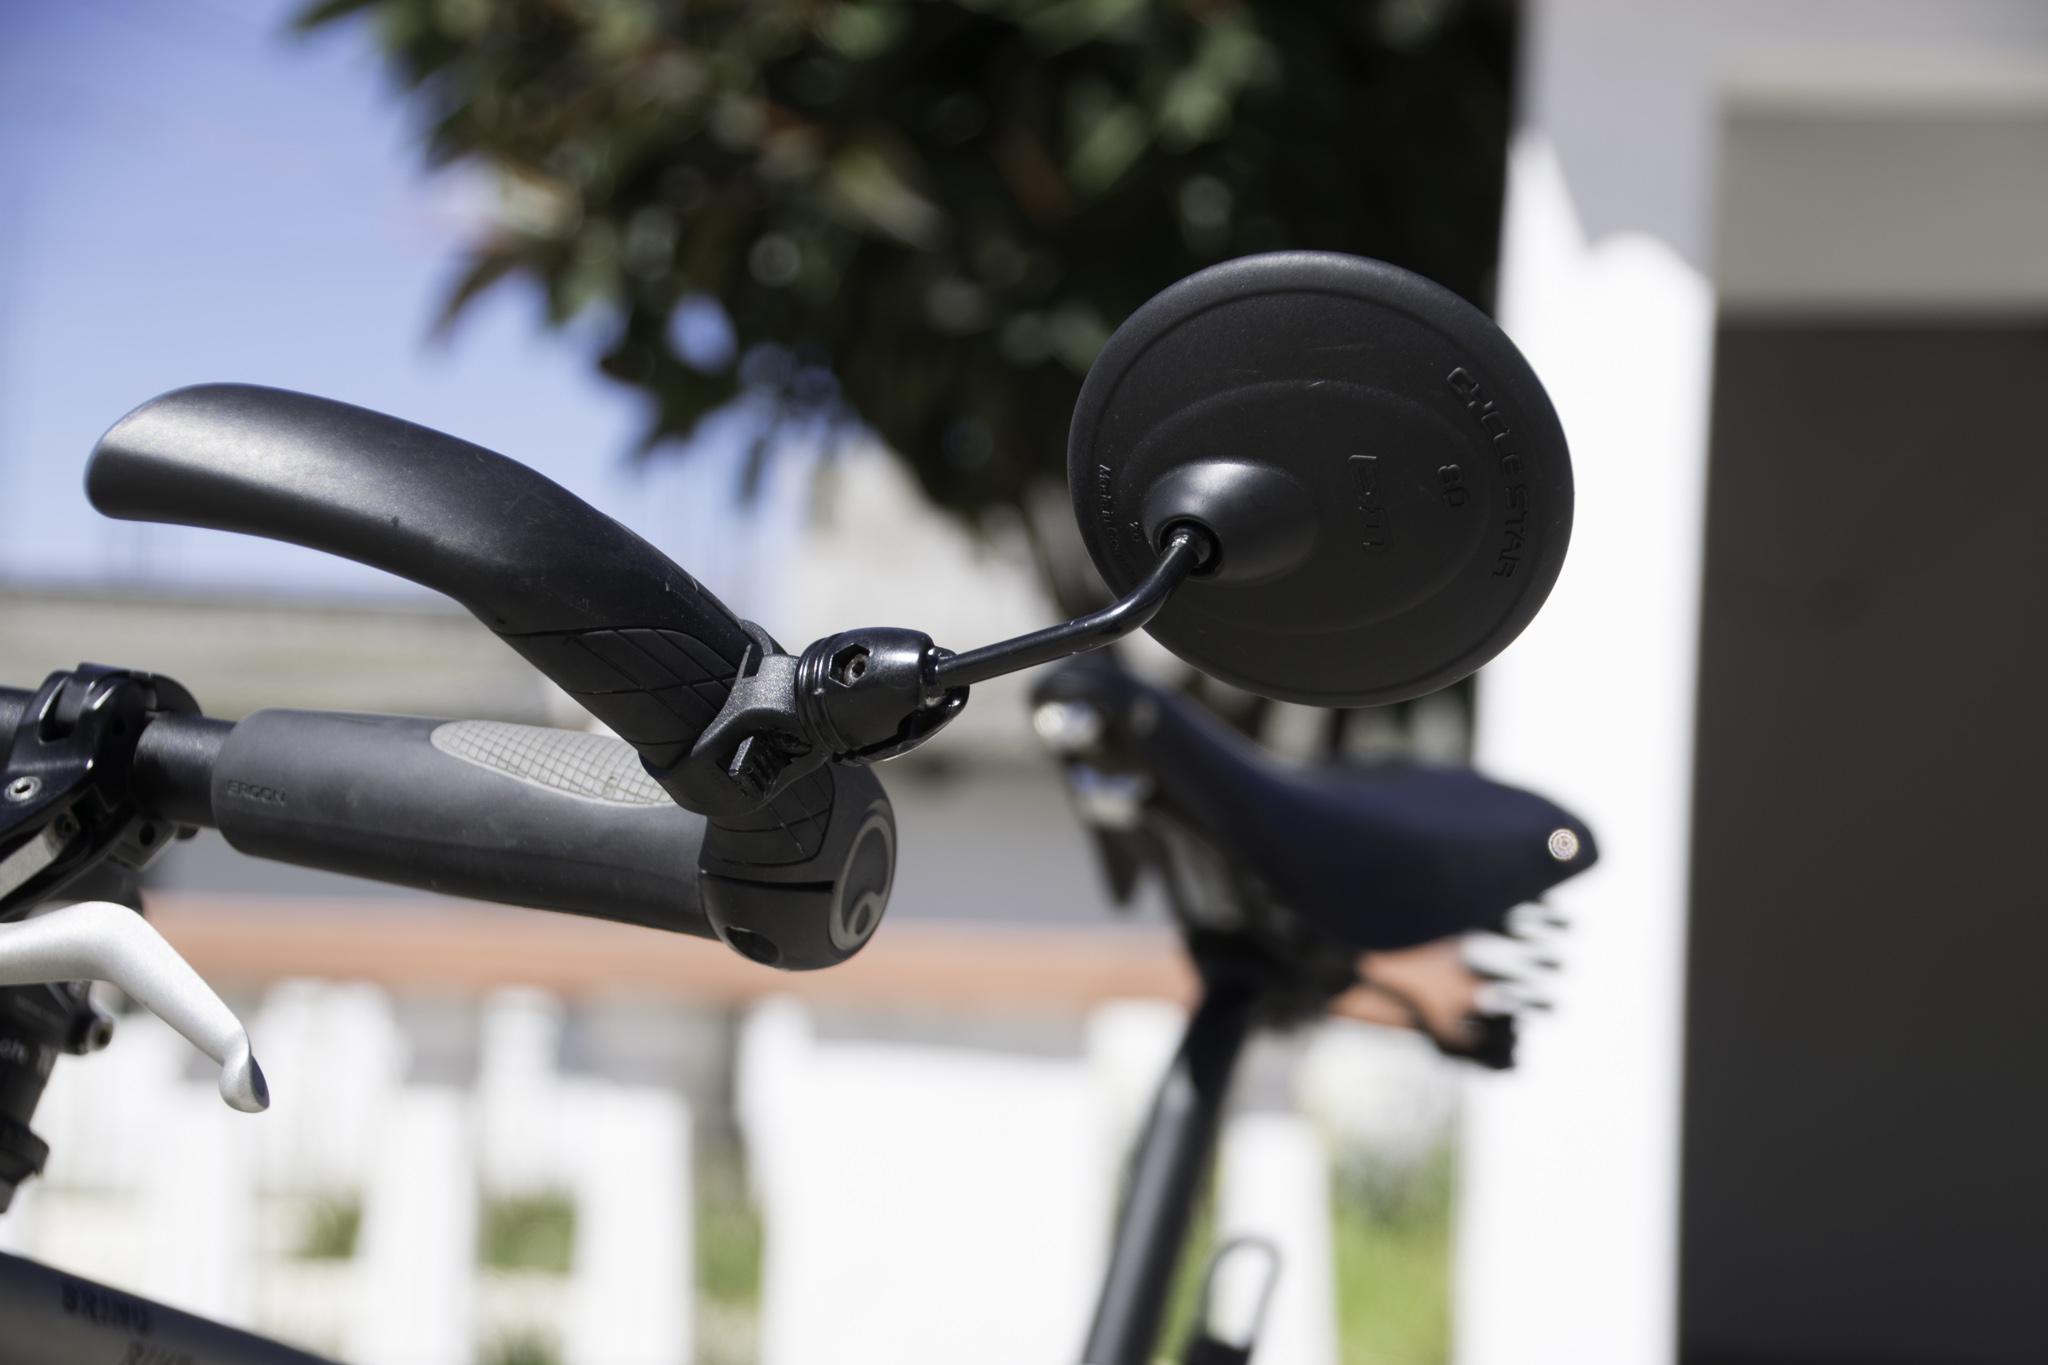 Rückspiegel: Cycle Star 80, kurz